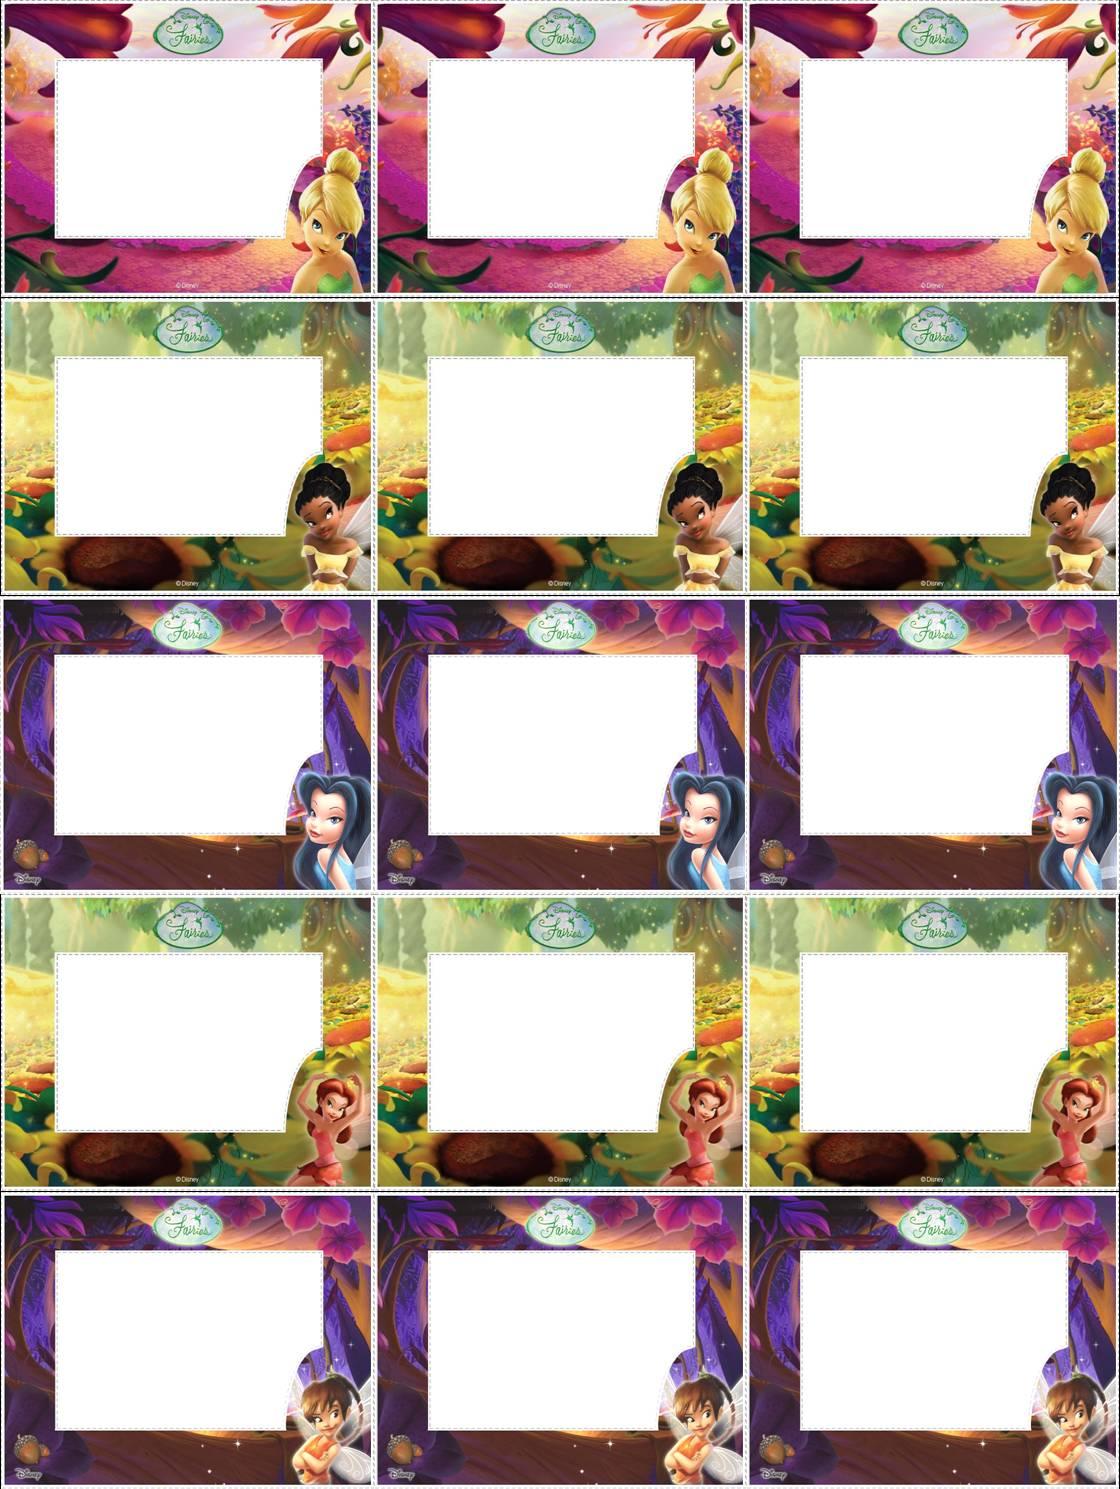 Etiquetas Da Disney De Volta   S Aulas Para Imprimir No Papel